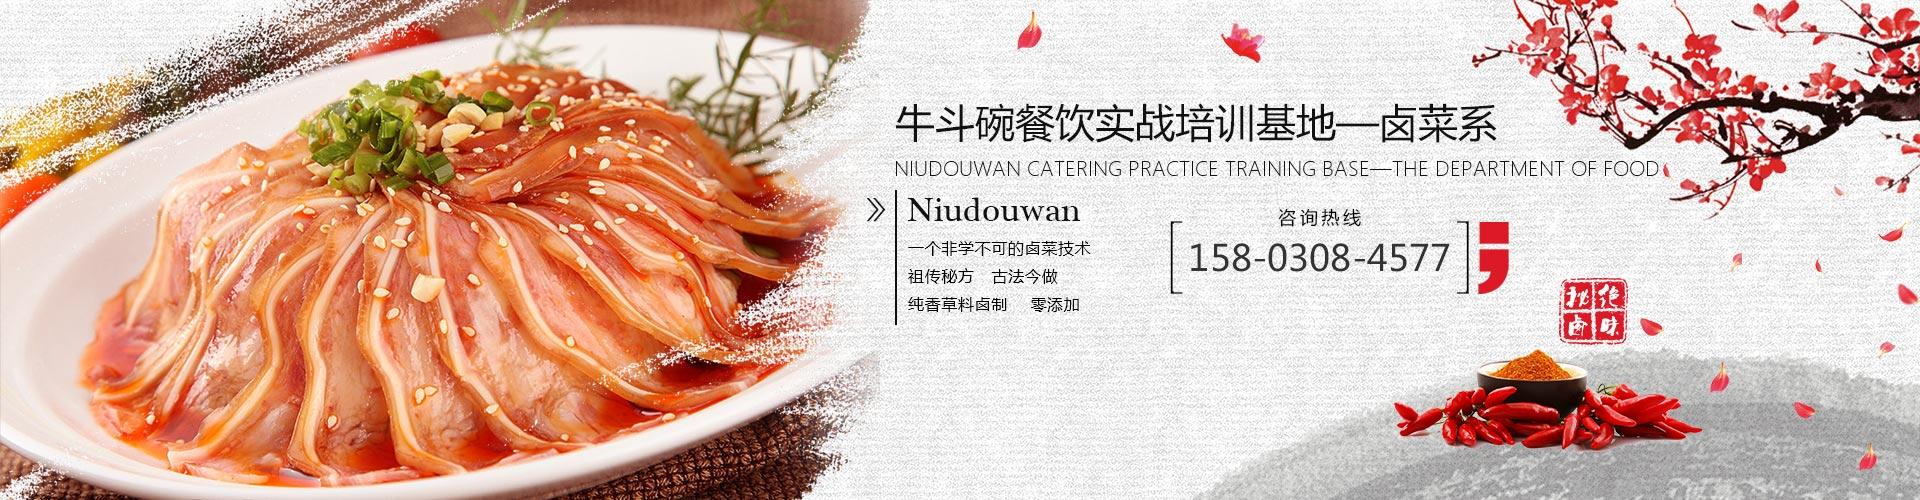 重庆学卤菜